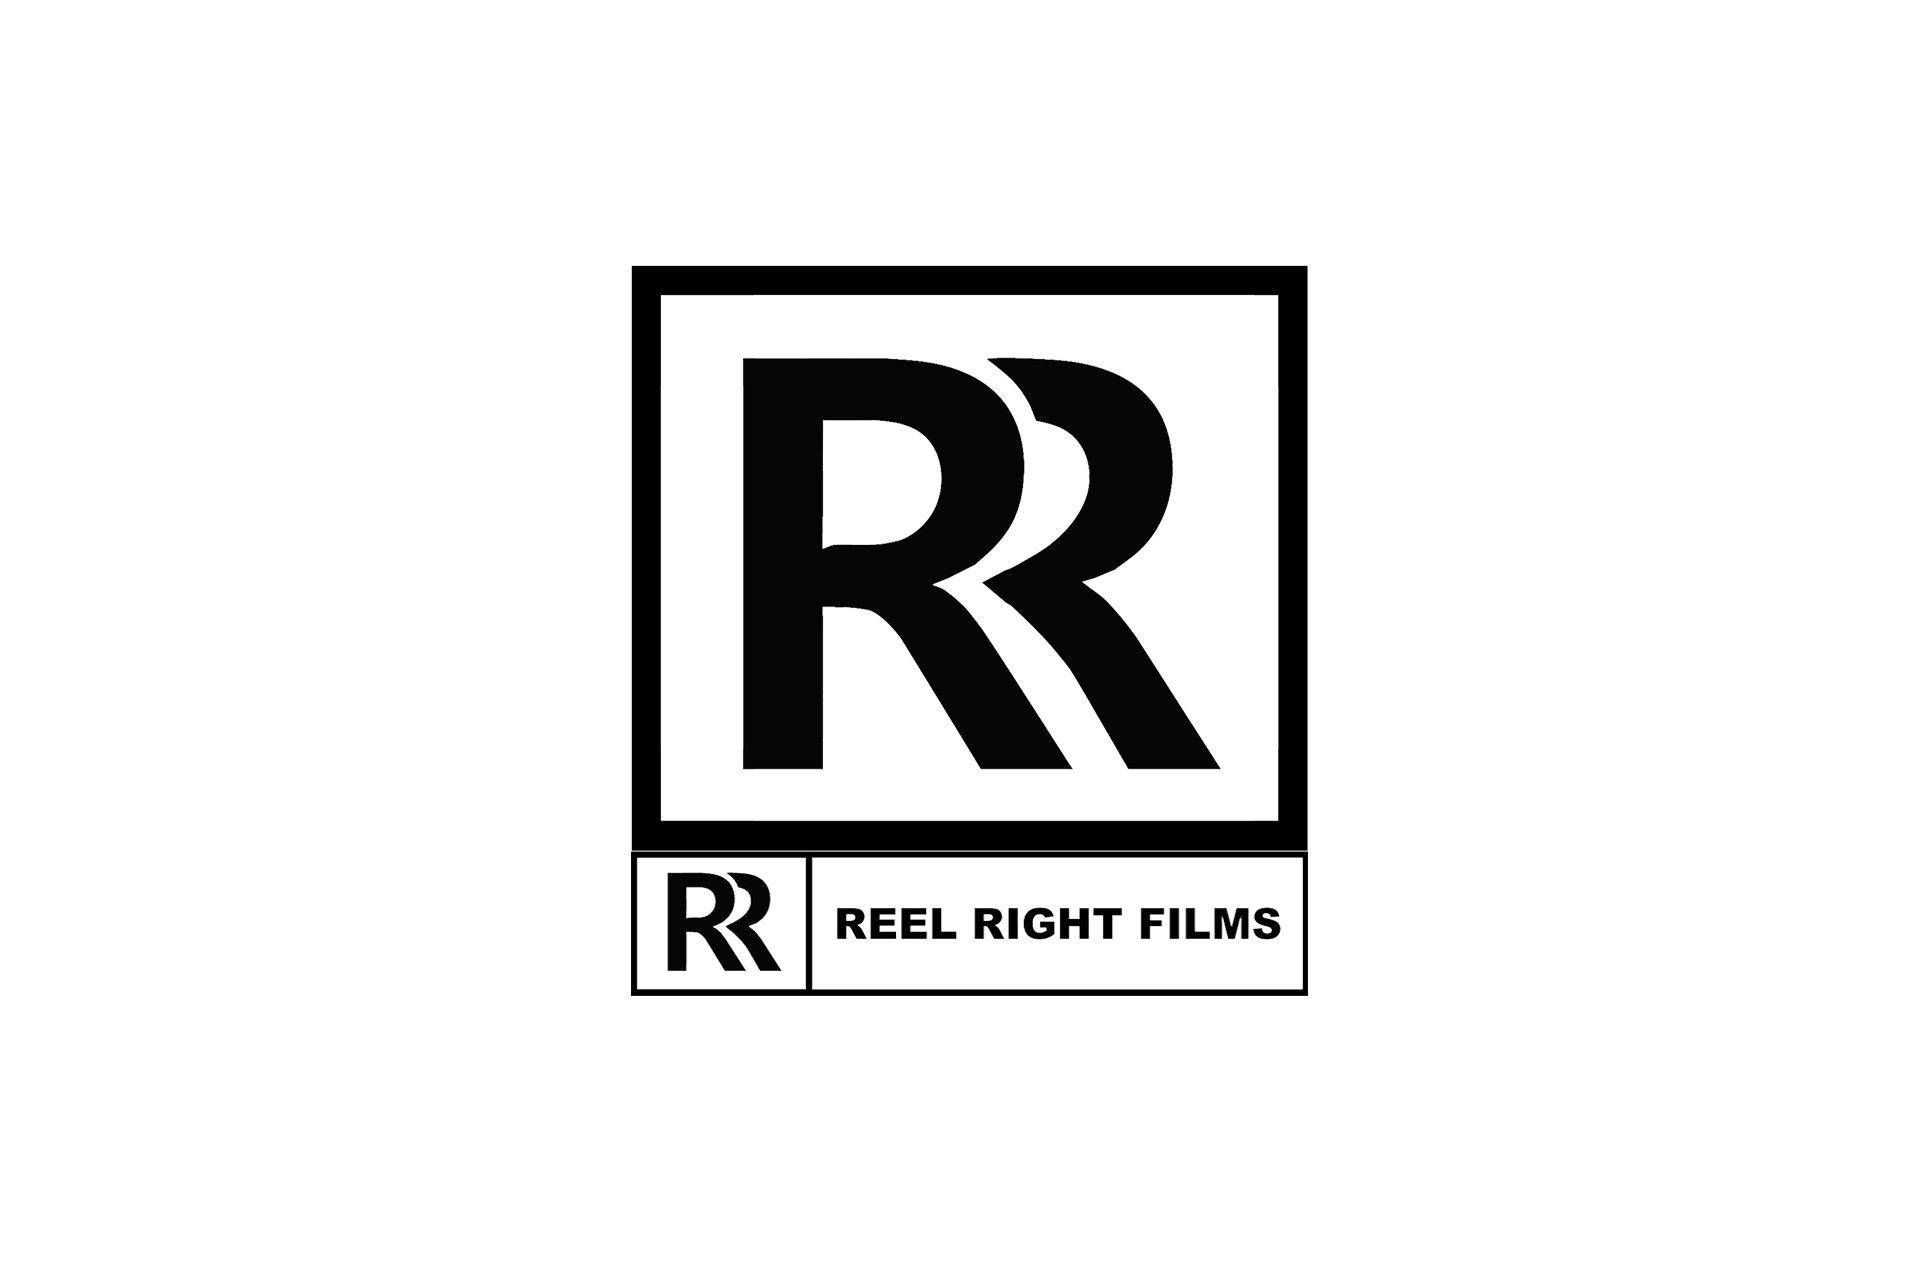 reel right films